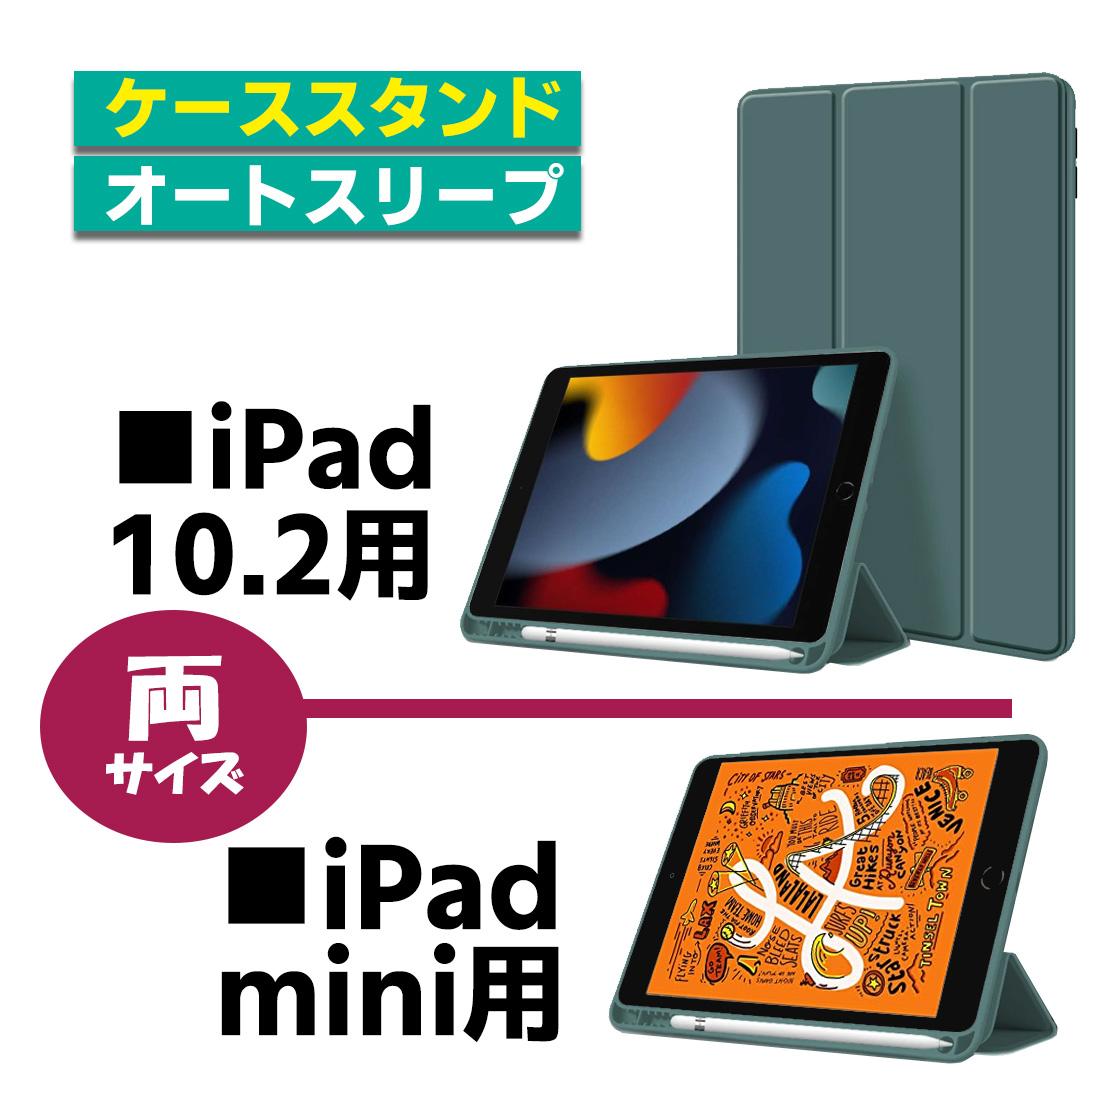 第8世代 mini 5 予約 両サイズ iPad10.2インチ iPad 保護ケース ペンホルダー付き ipad ケース 10.2用 mini5 用 第7世代 アイパッドミニ5 ホルダー 豪華な ブラック applepencil iPad保護 ipad2020 グリーン 2019 アイパッドケース ピンク ネイビー スタンド ブルー オートスリープ機能付き iPad2018